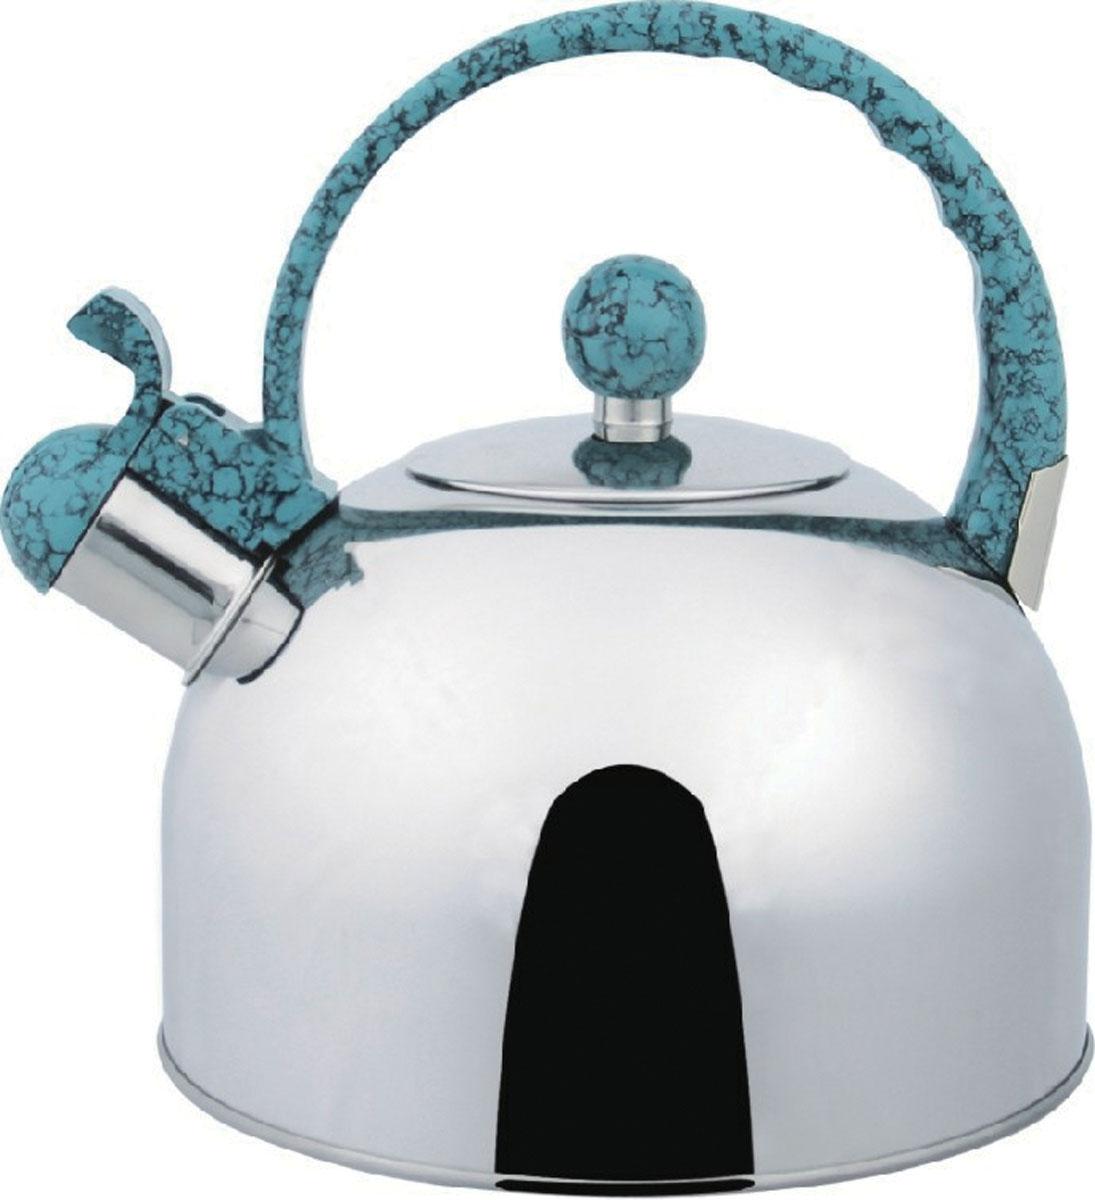 Чайник Bekker Koch со свистком, цвет: бирюзовый, 2,5 л. BK-S307115510Чайник Bekker Koch выполнен из высококачественной нержавеющей стали, что обеспечивает долговечность использования. Внешнее зеркальное покрытие придает приятный внешний вид. Пластиковая фиксированная ручка, выполненная под мрамор, делает использование чайника очень удобным и безопасным. Чайник снабжен свистком и устройством для открывания носика. Изделие оснащено капсулированным дном для лучшего распространения тепла.Можно мыть в посудомоечной машине. Пригоден для всех видов плит кроме индукционных. Высота чайника (без учета крышки и ручки): 11,5 см.Диаметр основания: 19 см. Толщина стенки: 3 мм.